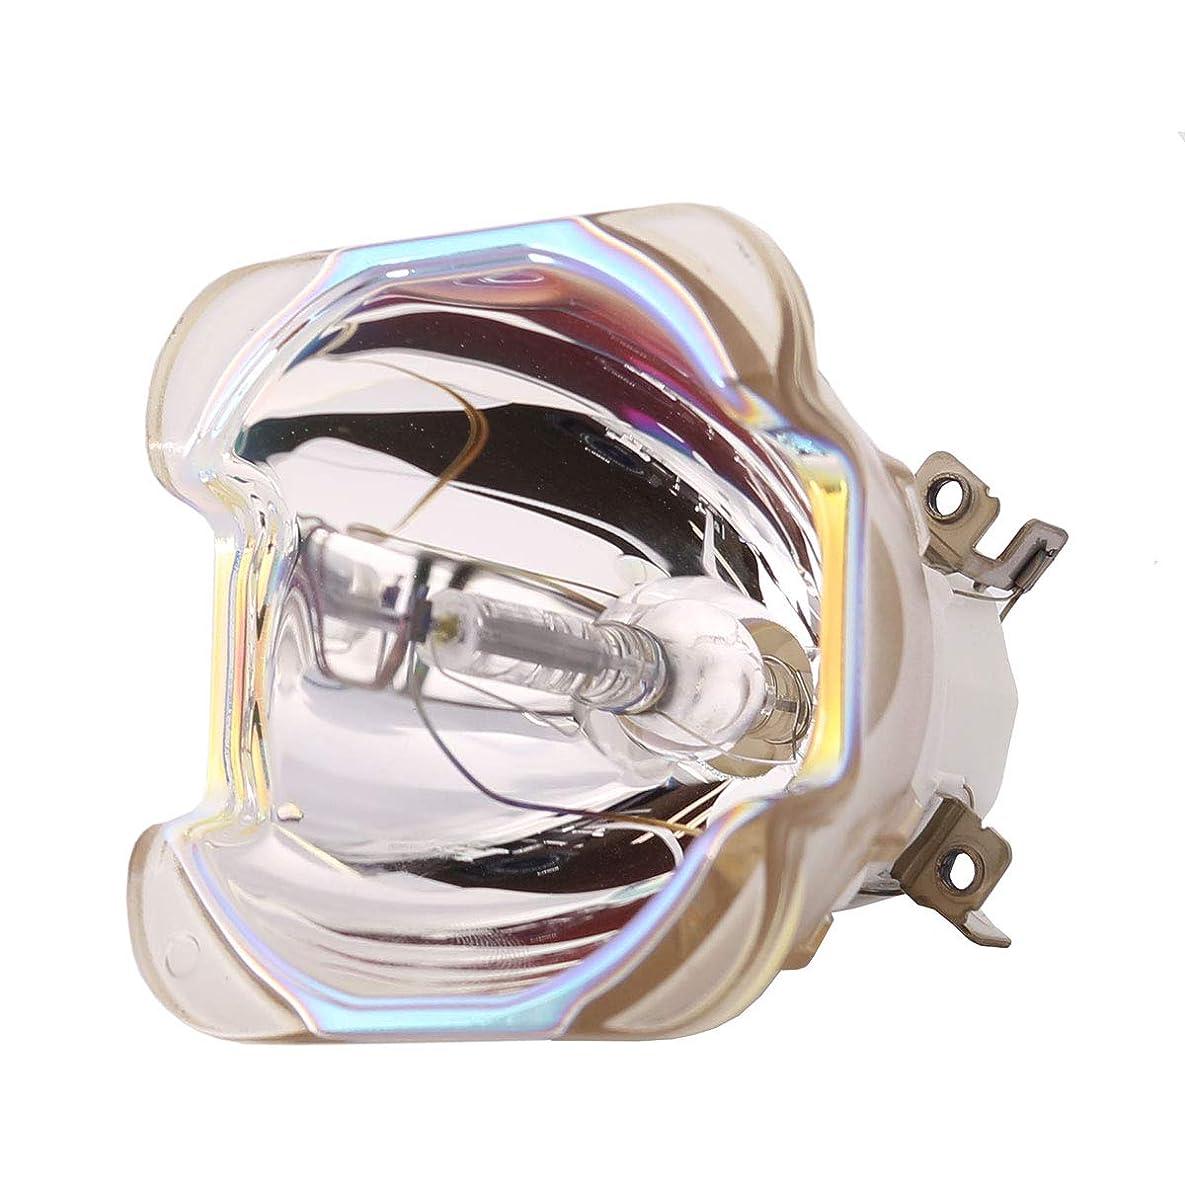 機構インフラキャラクターSpArc プロジェクター交換用ランプ 囲い/電球付き BenQ SX930用 Economy